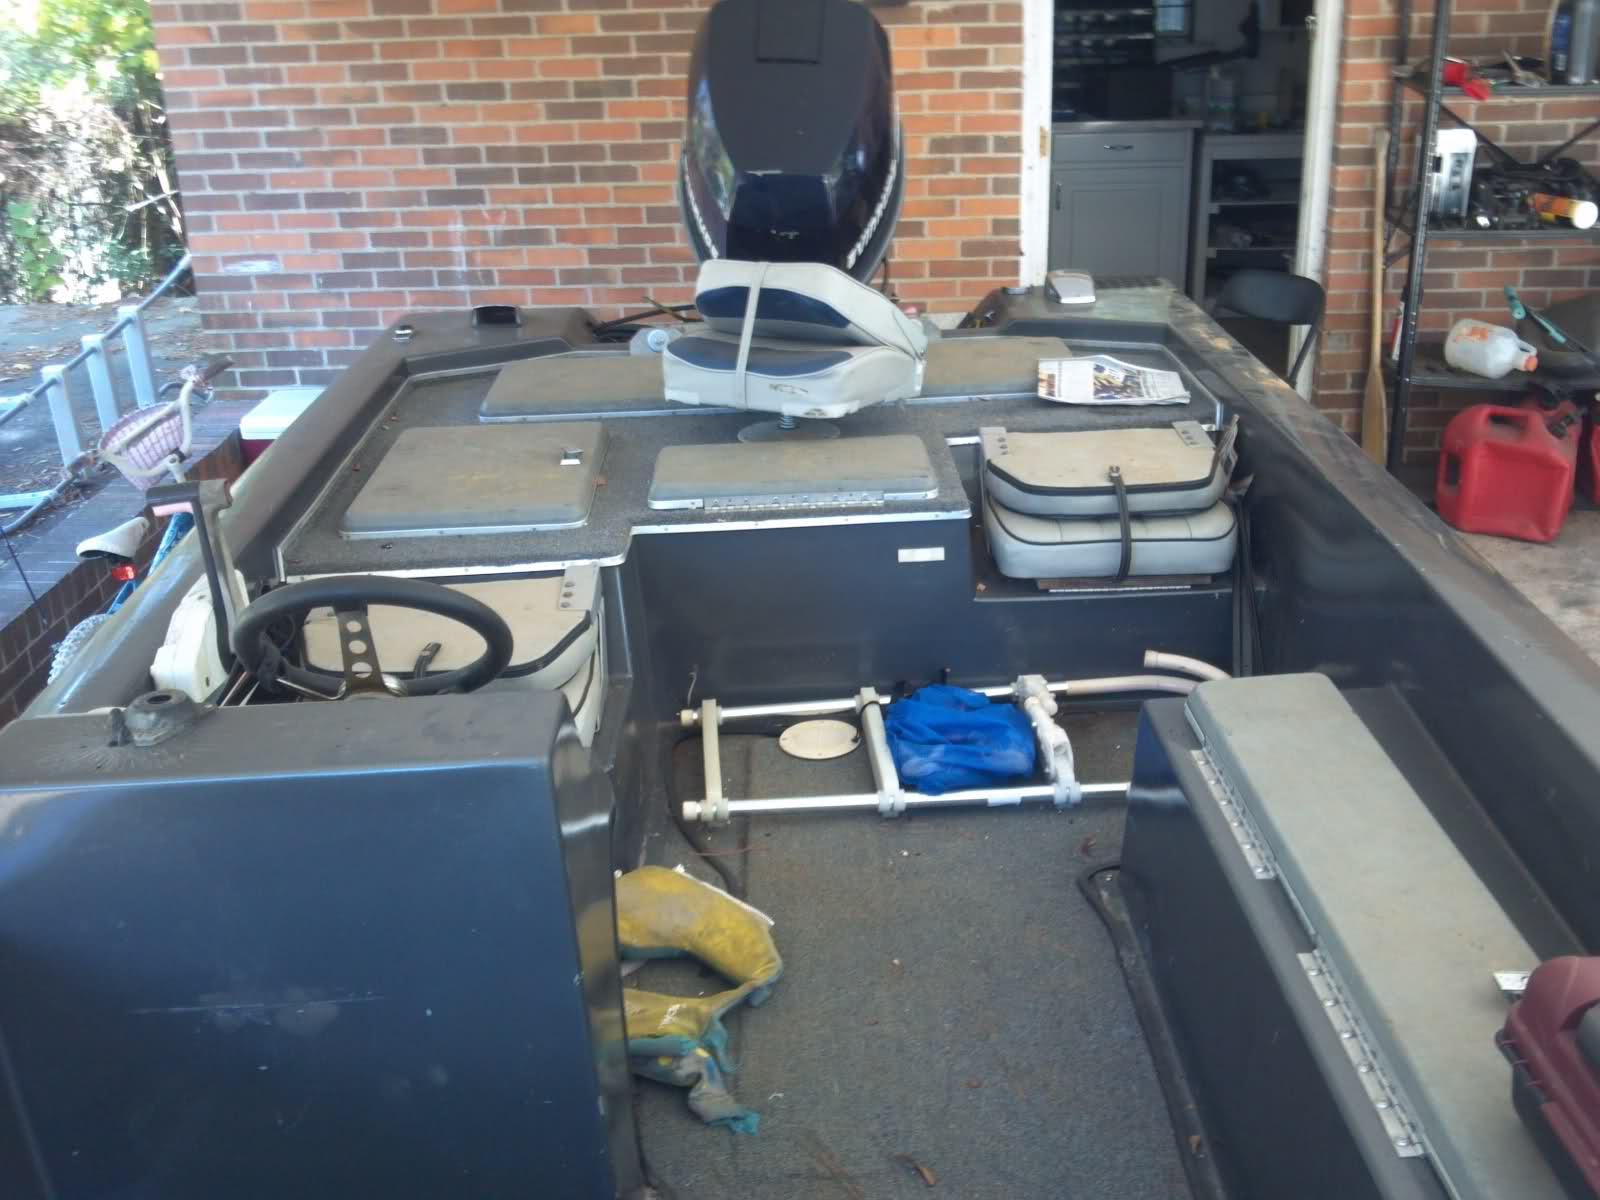 item gone 1978 ranger bass boat 3000 the outdoors trader. Black Bedroom Furniture Sets. Home Design Ideas